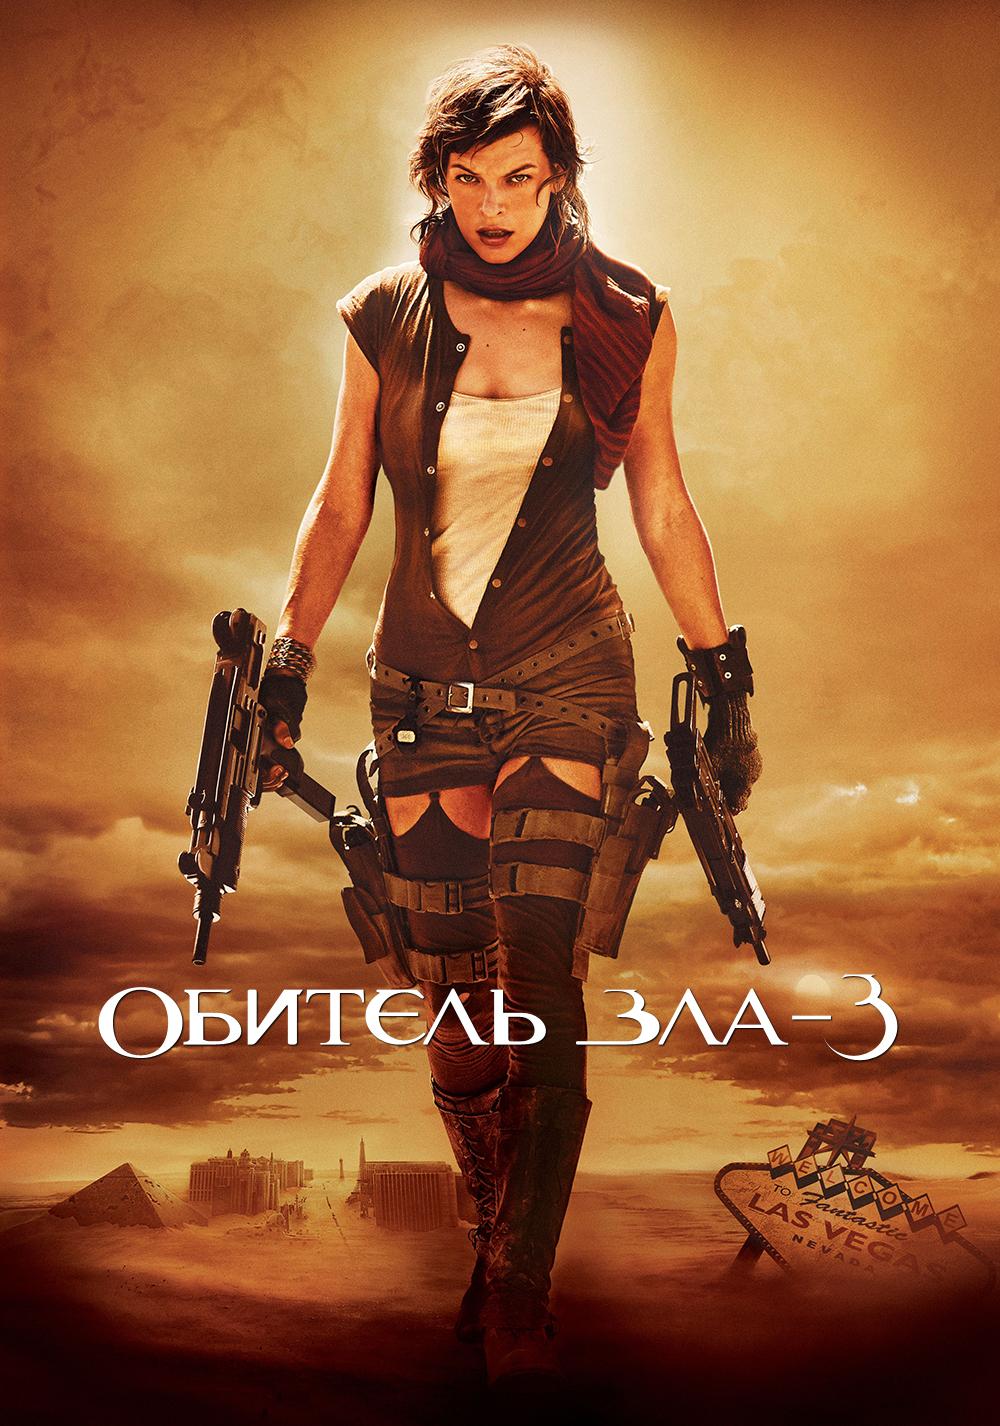 Обитель зла 3 (2007)